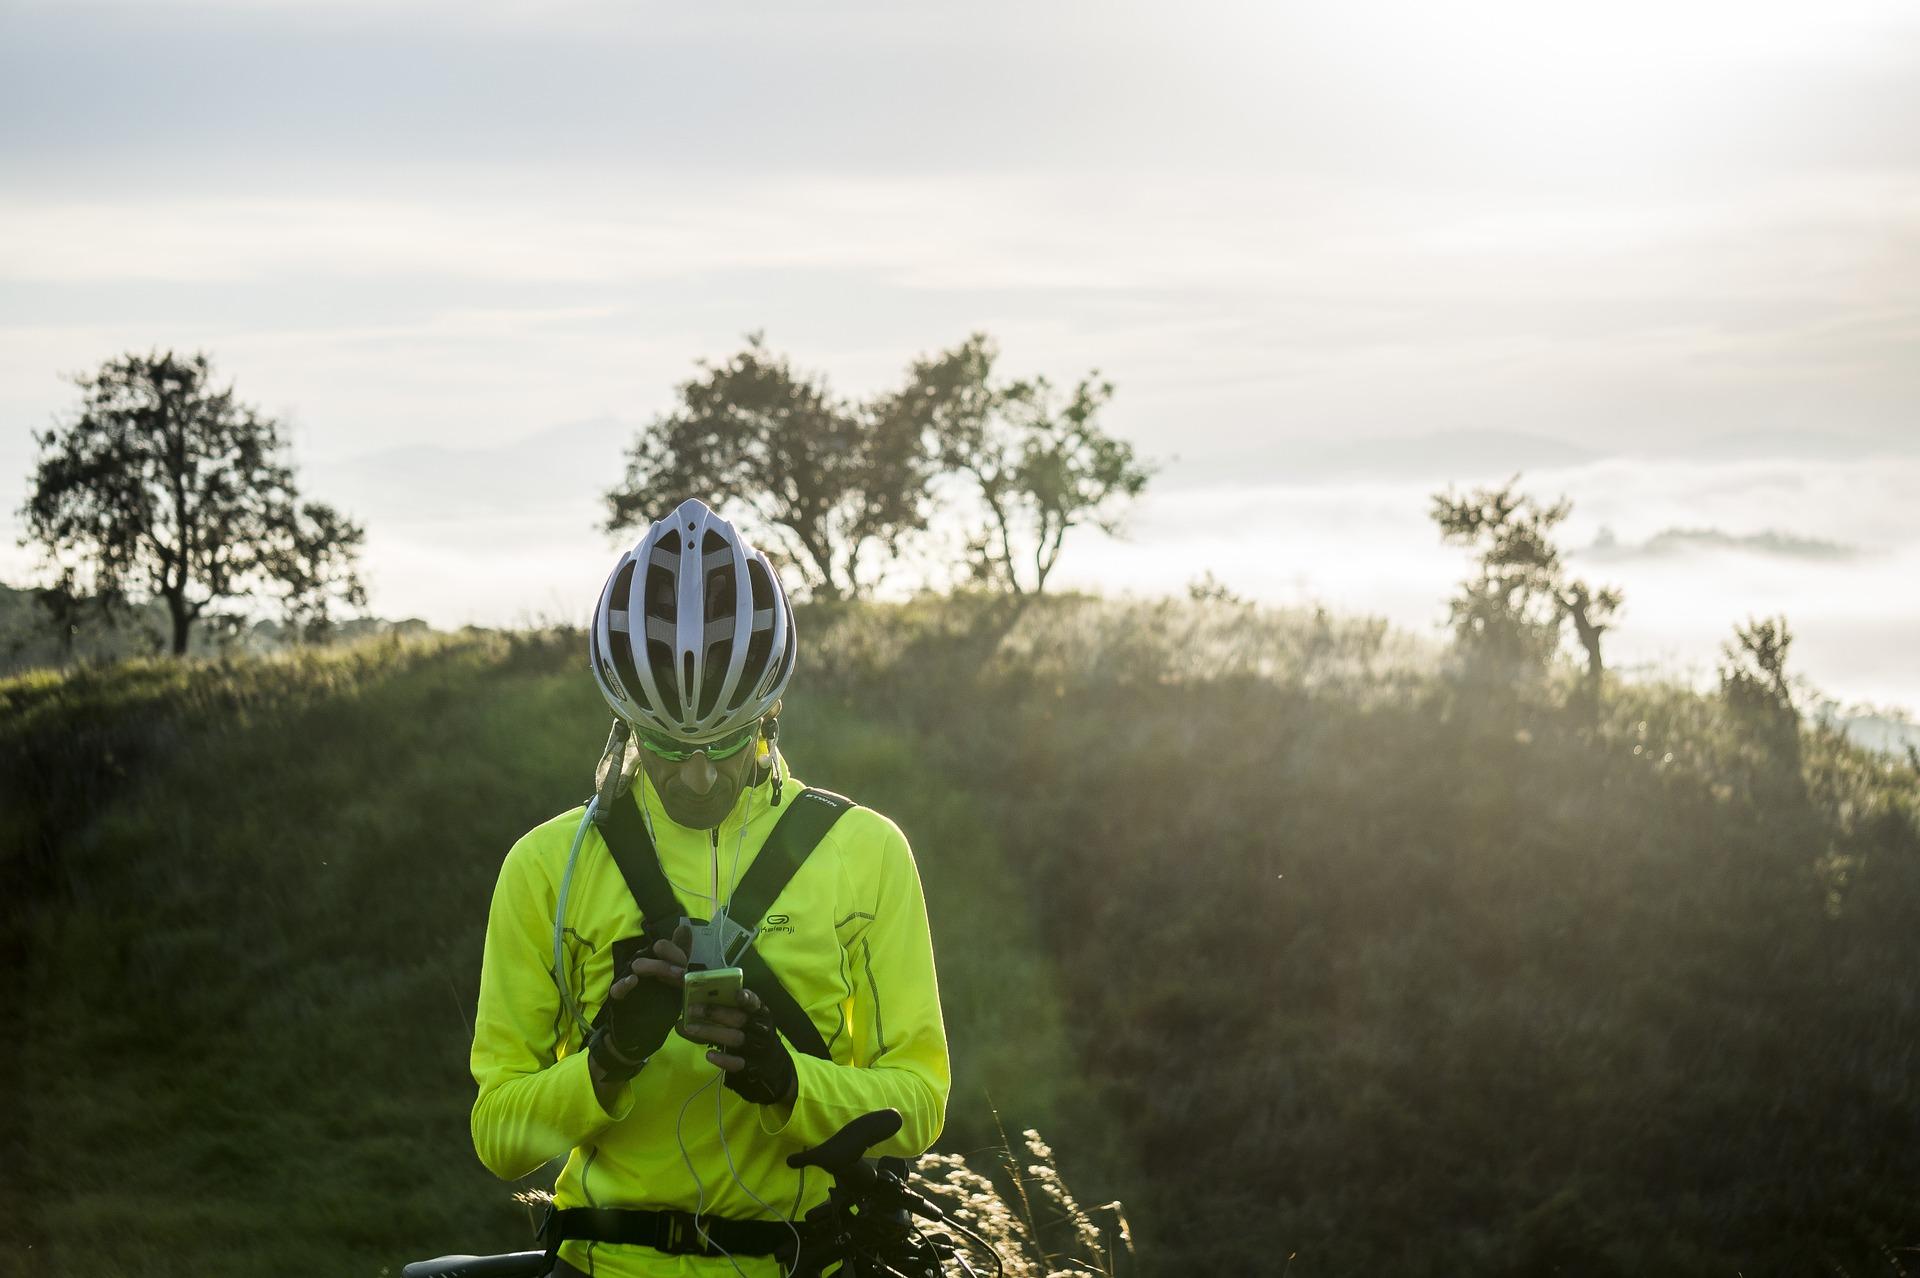 Imagem de um ciclista olhando o celular